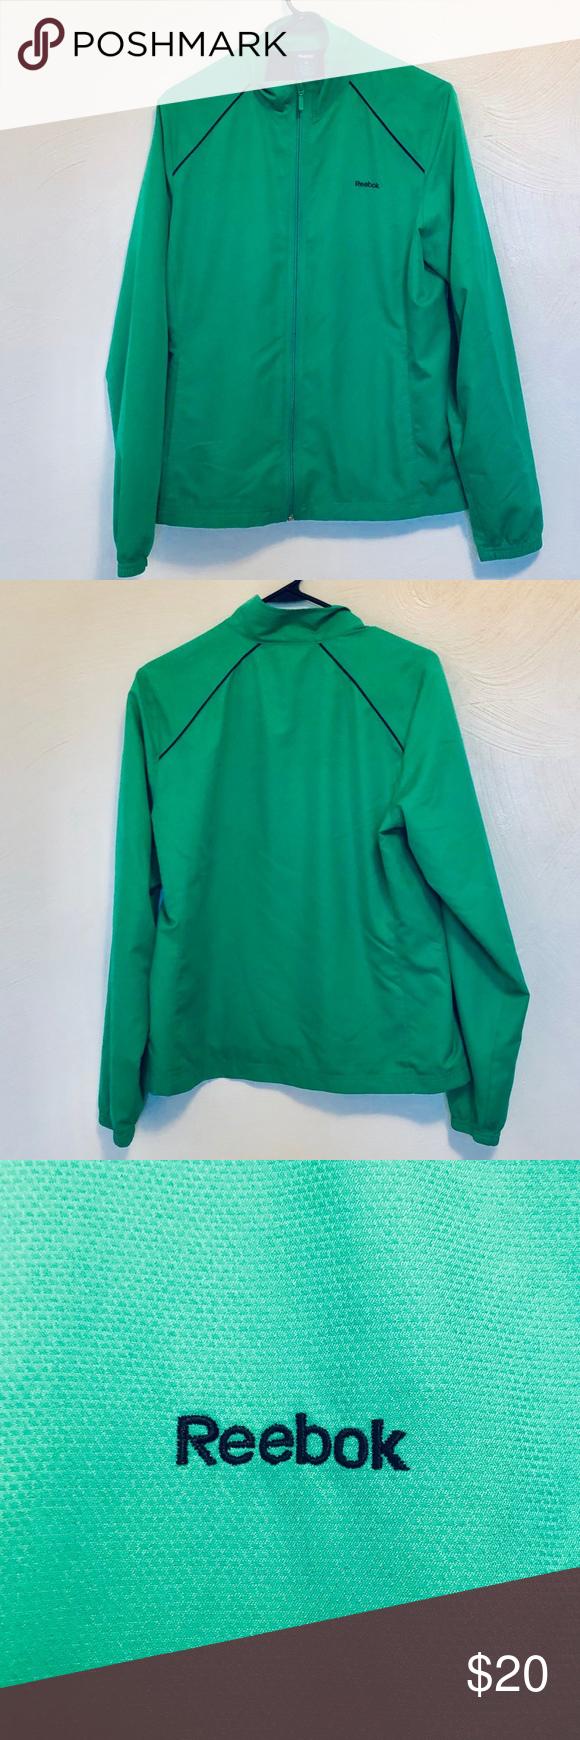 Reebok Green Active Jacket Reebok Green Active Jacket Size M Reebok Jackets Coats Clothes Design Active Jacket Jackets [ 1740 x 580 Pixel ]